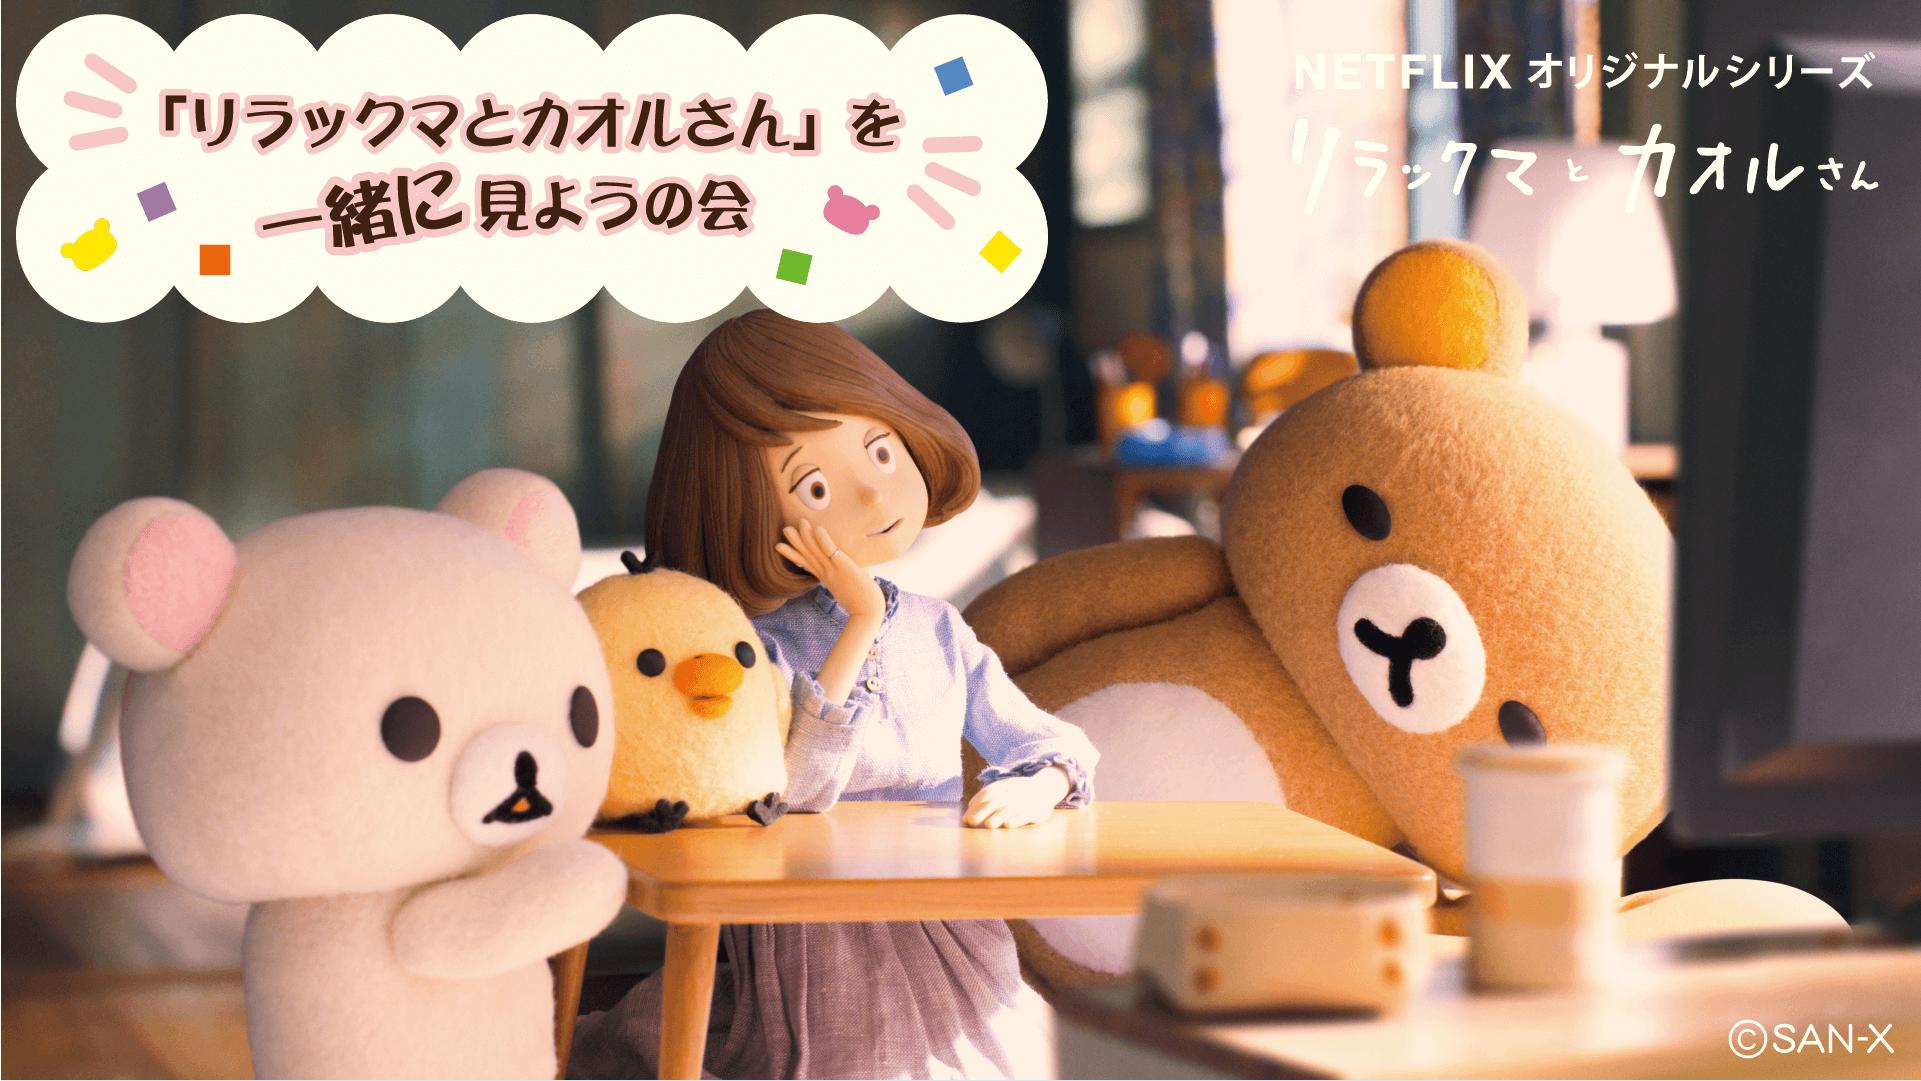 Netflix「リラックマとカオルさんを一緒に見ようの会」 rilakkuma (1)